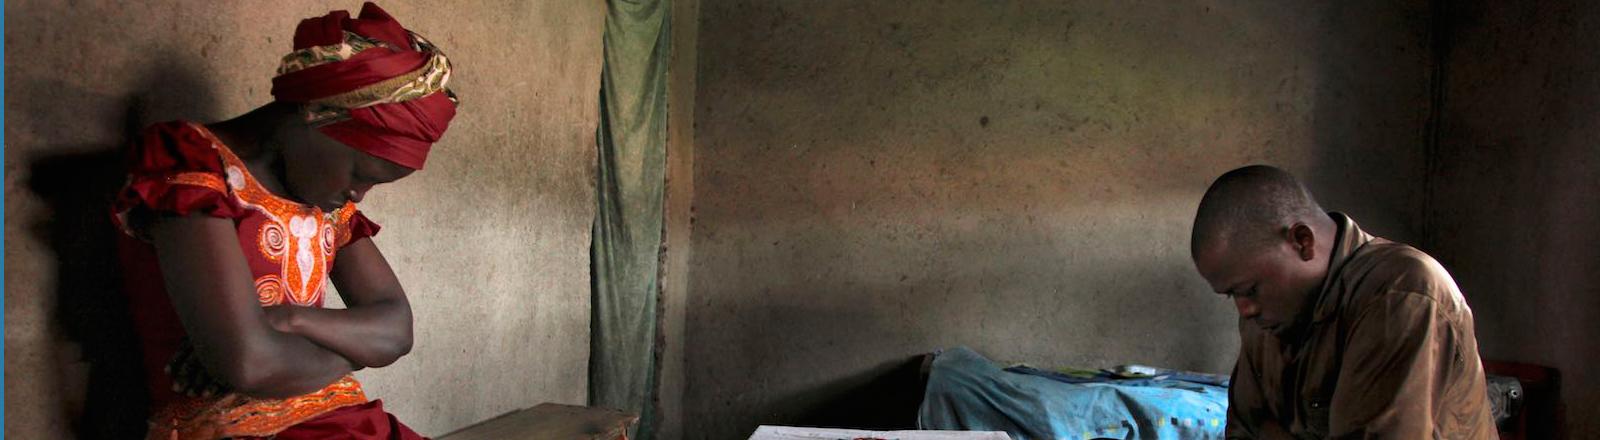 Claudine und Ananias in einer Hütte in Ruanda